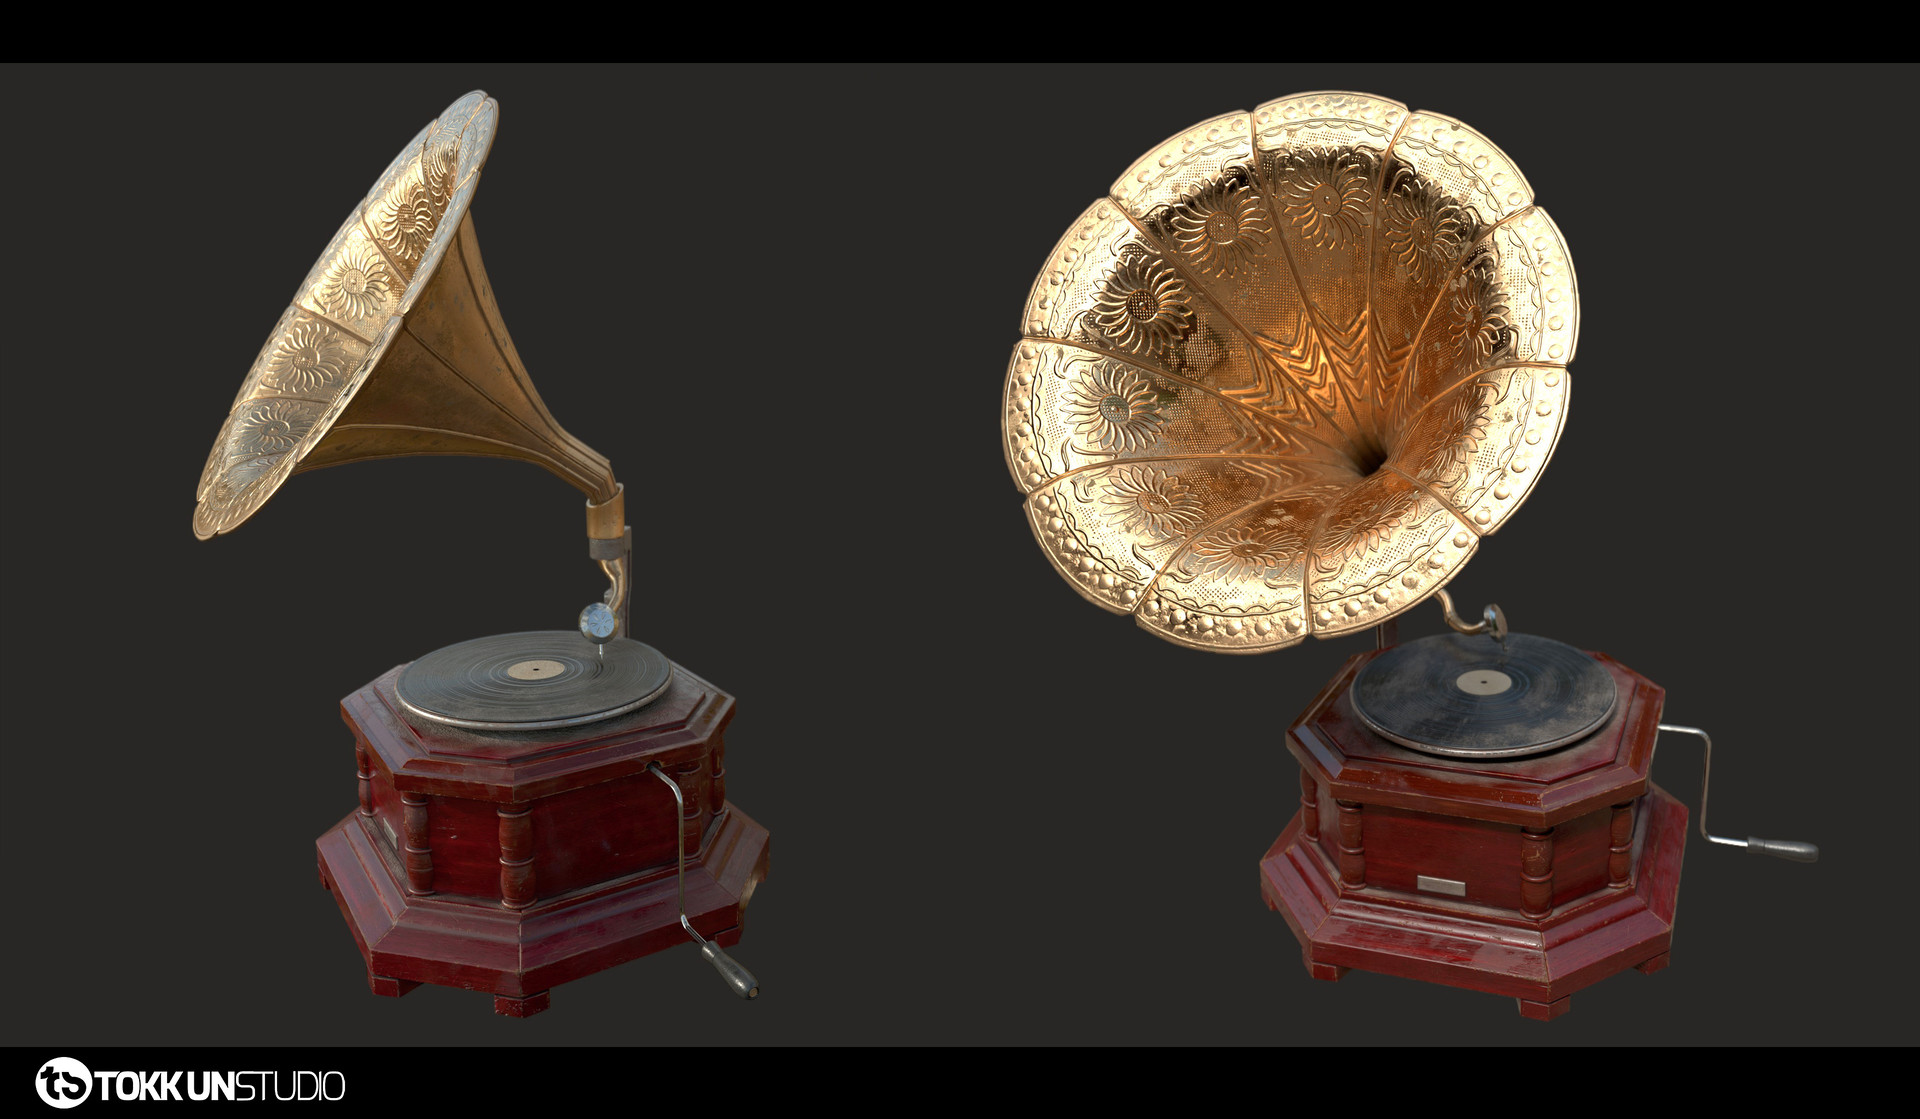 Tokkun studio tokkunstudio gramophone 03